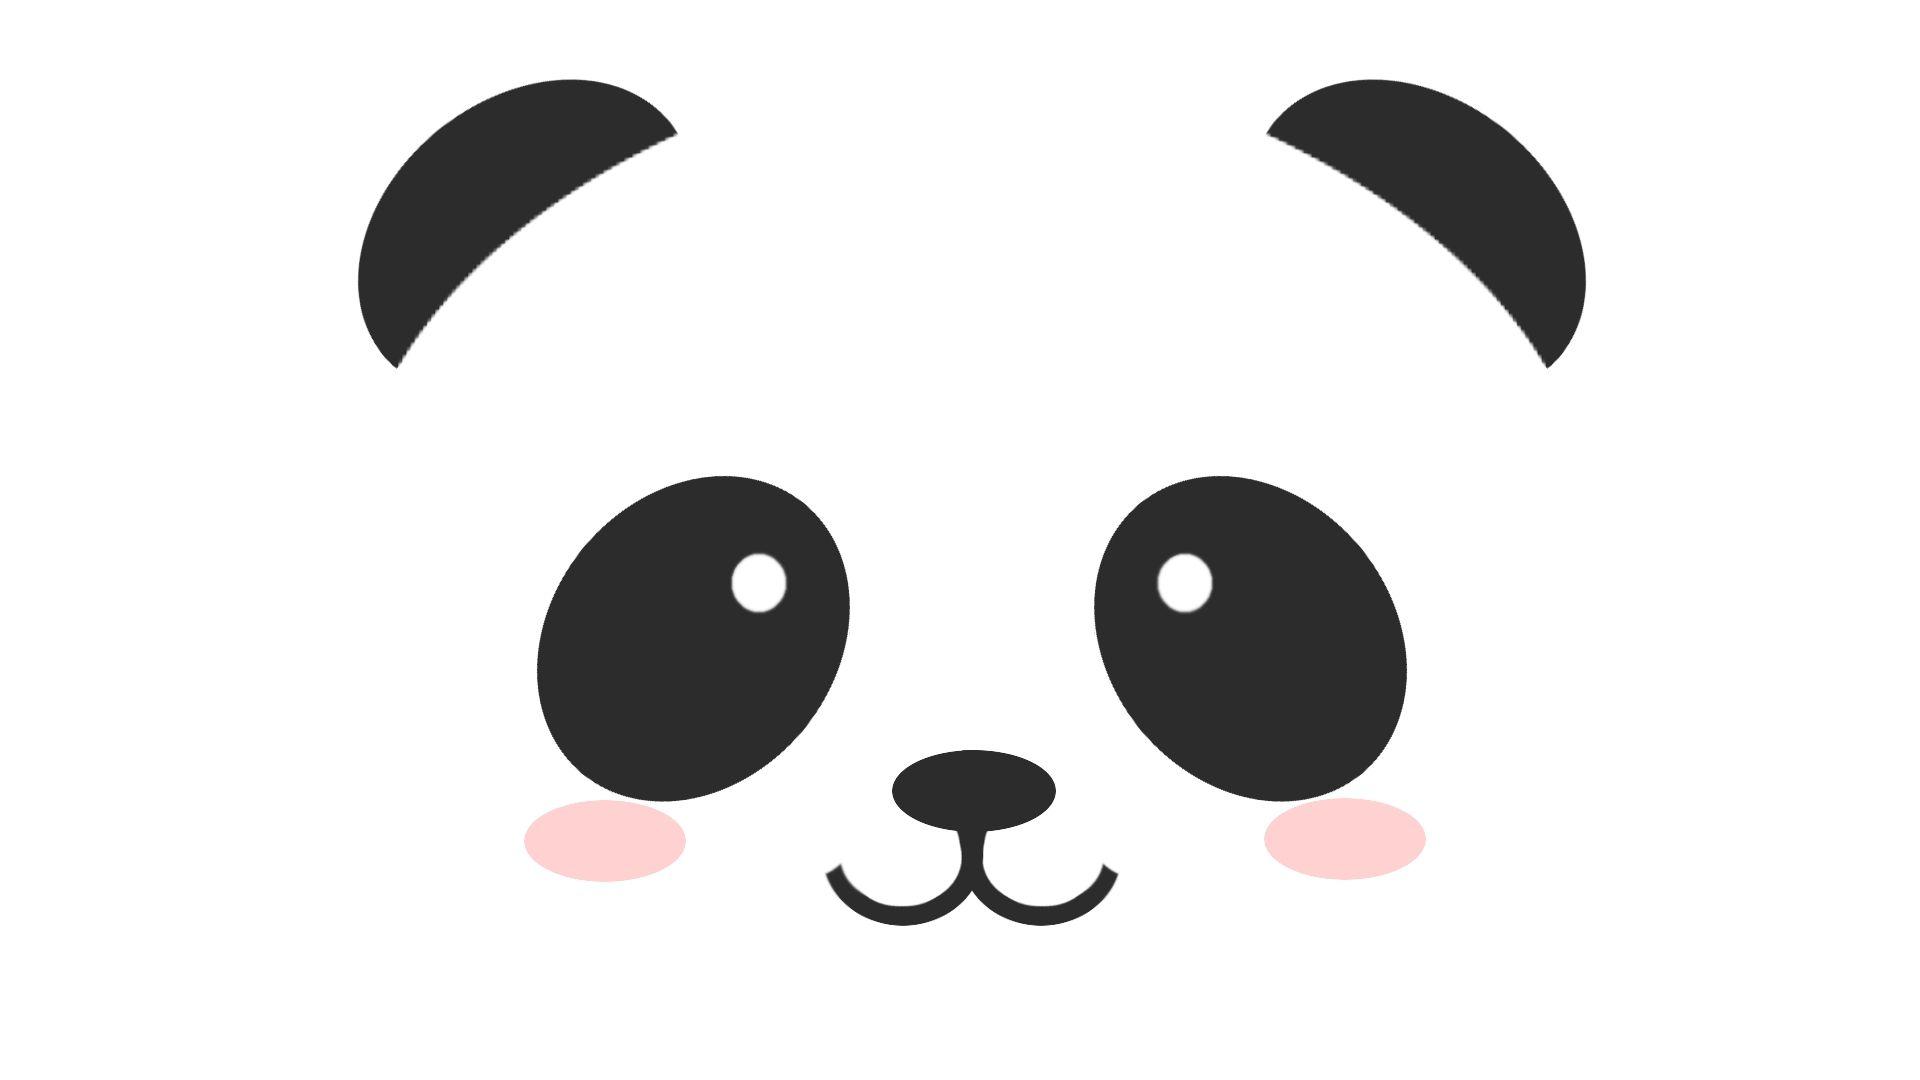 Cute Cartoon Panda Cute Panda Wallpaper Hd Bayi Panda